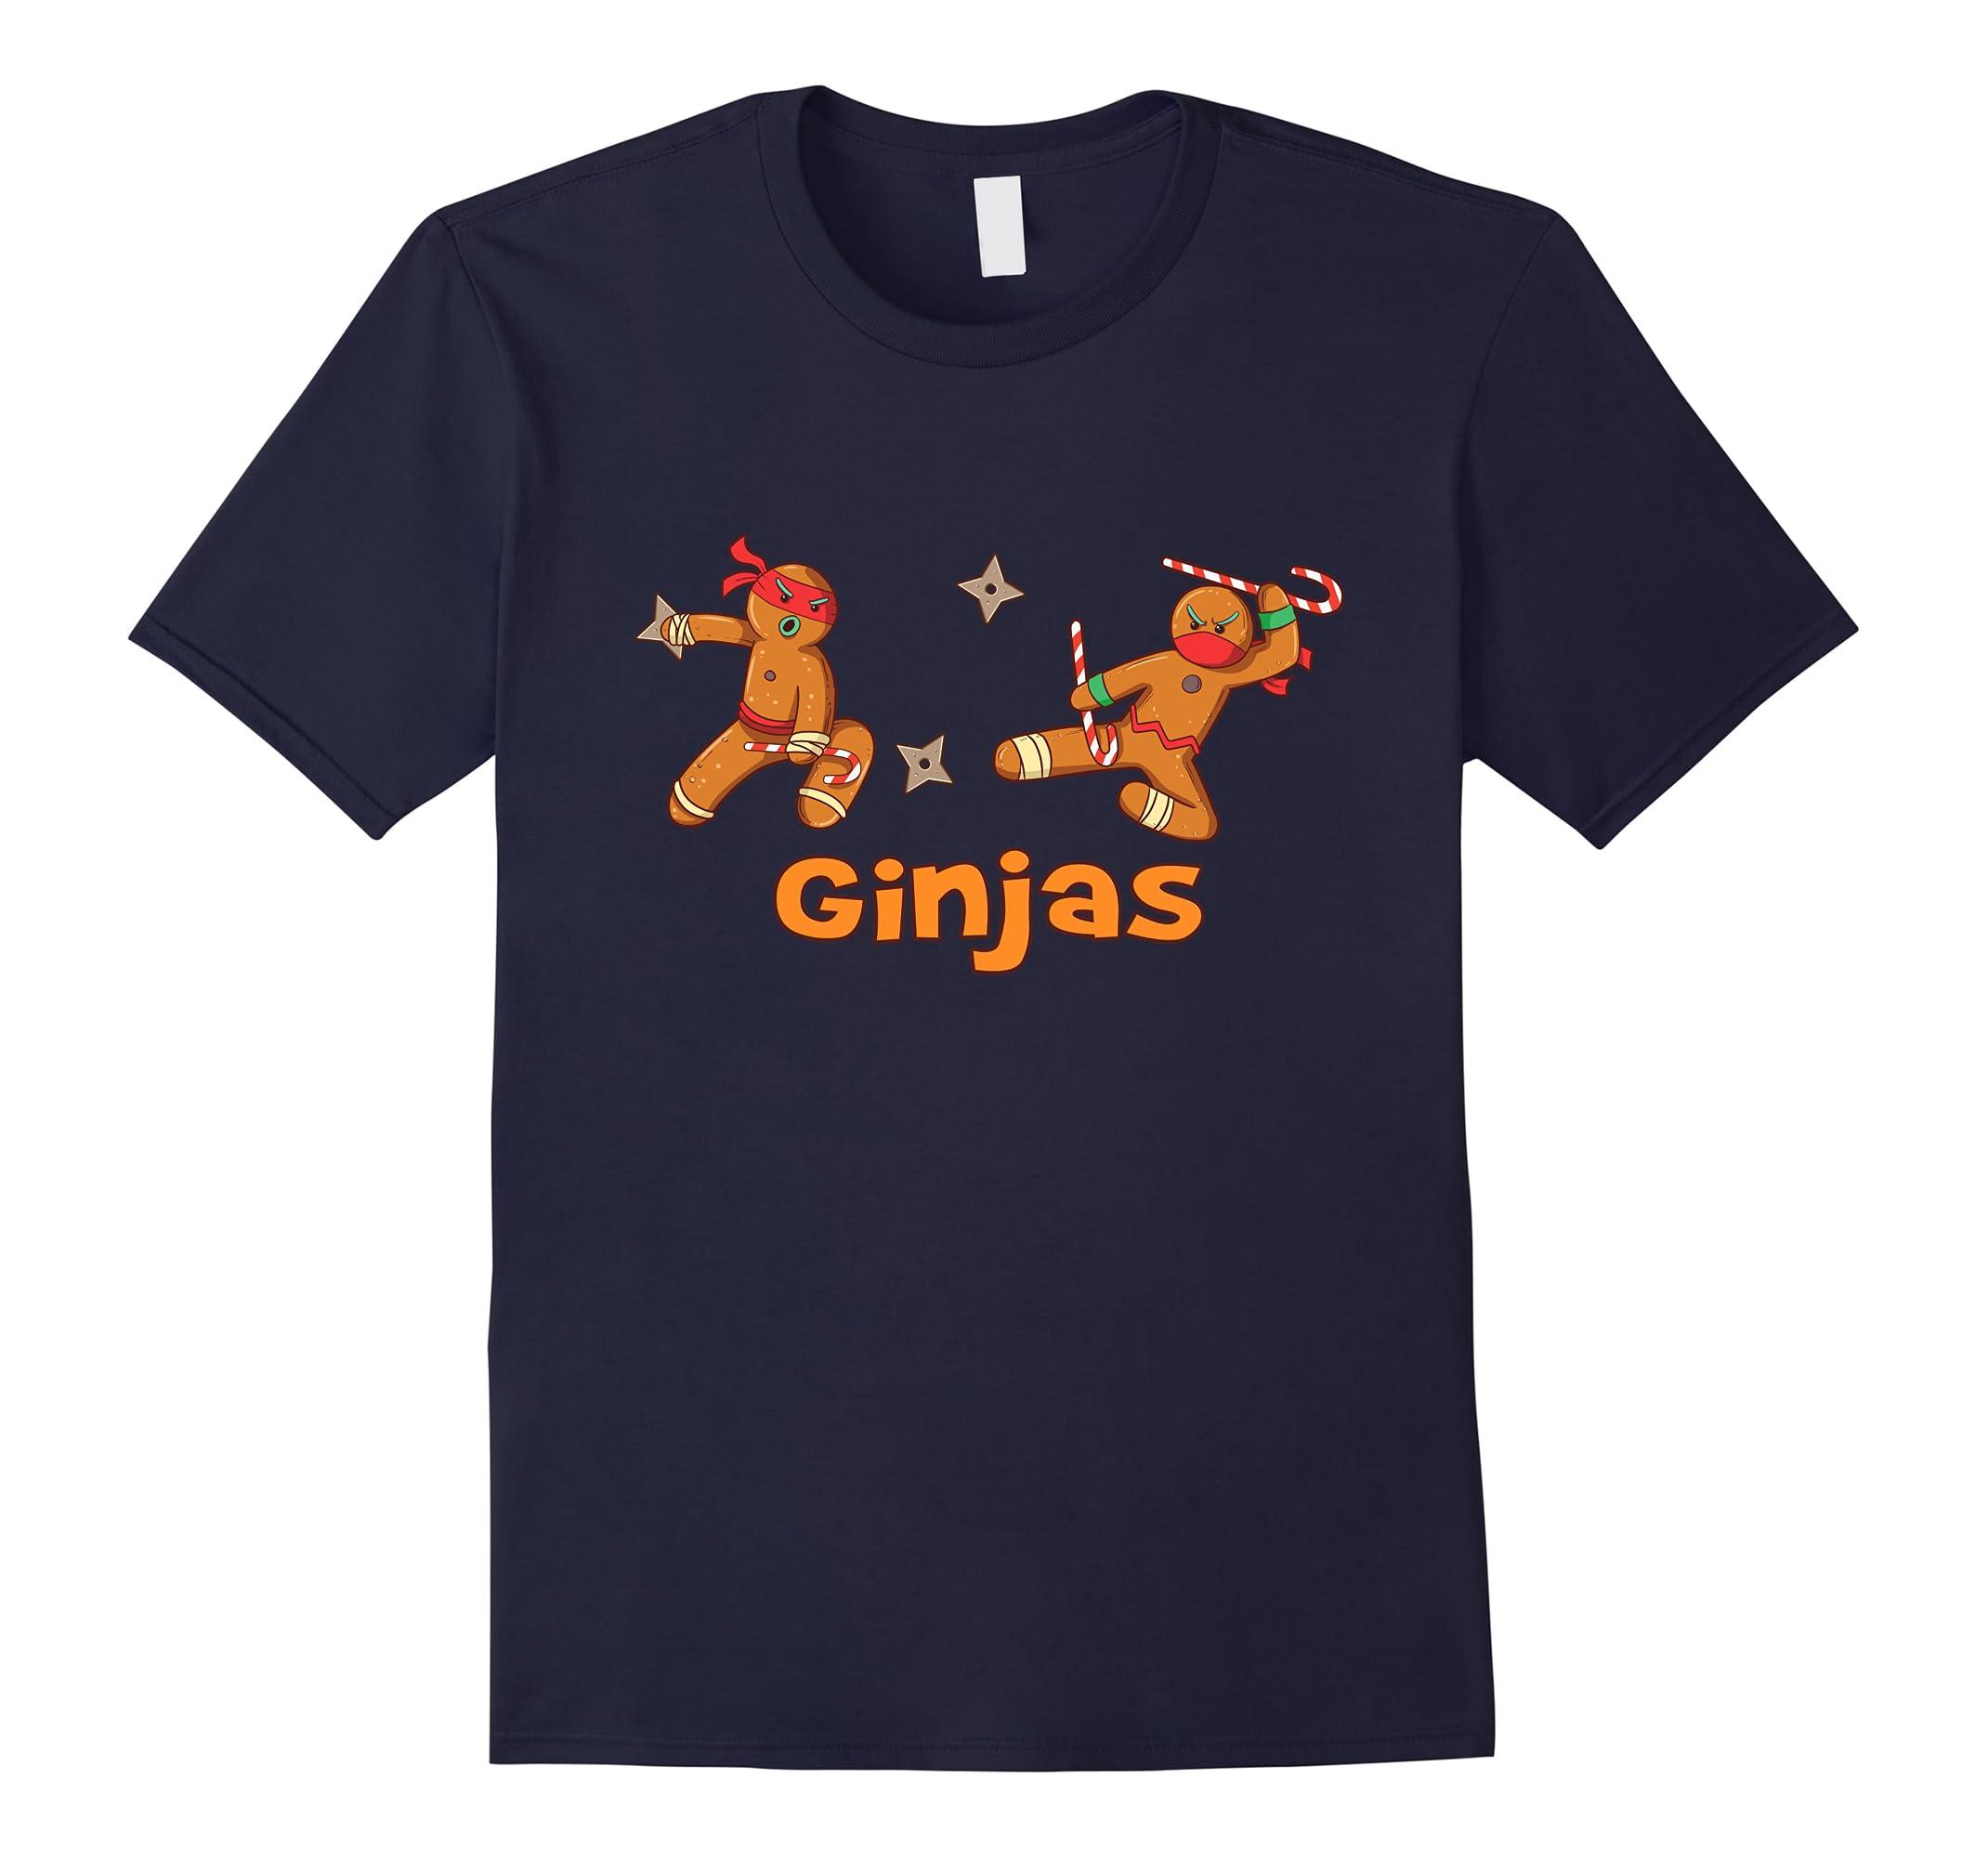 Ginjas Kids T shirt Mens Womens-Tovacu